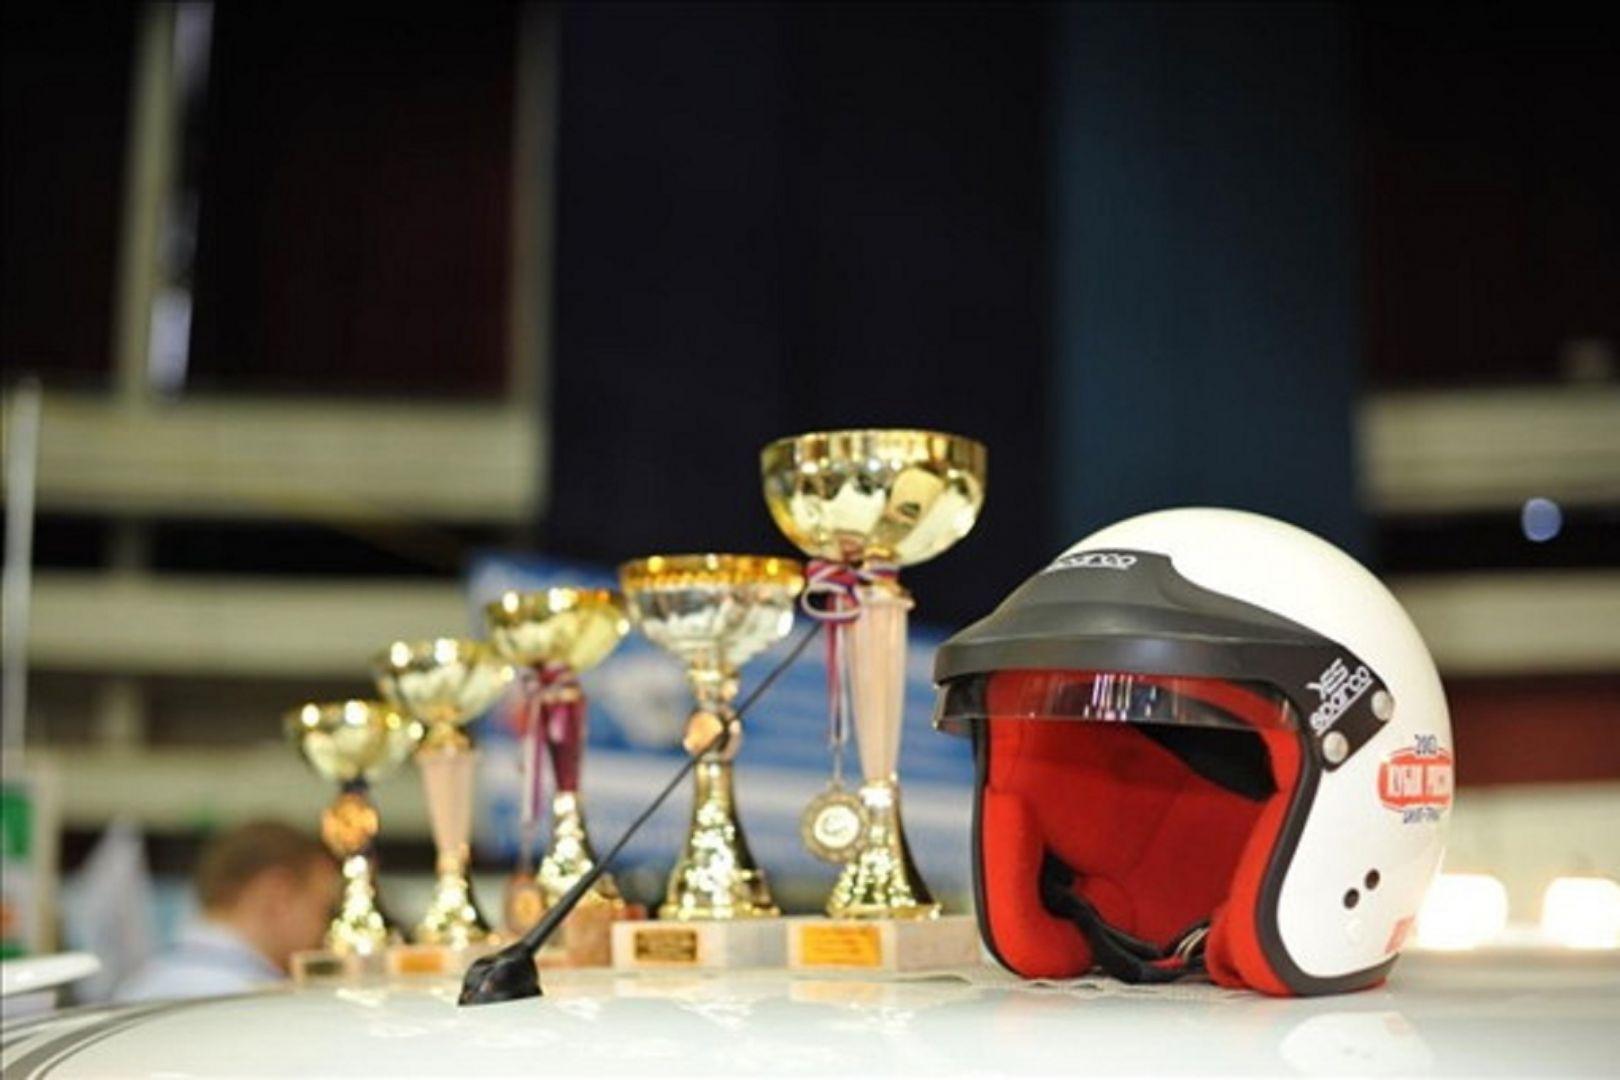 Впервый раз Ставропольский край примет всероссийский юношеский чемпионат поавтомногоборью